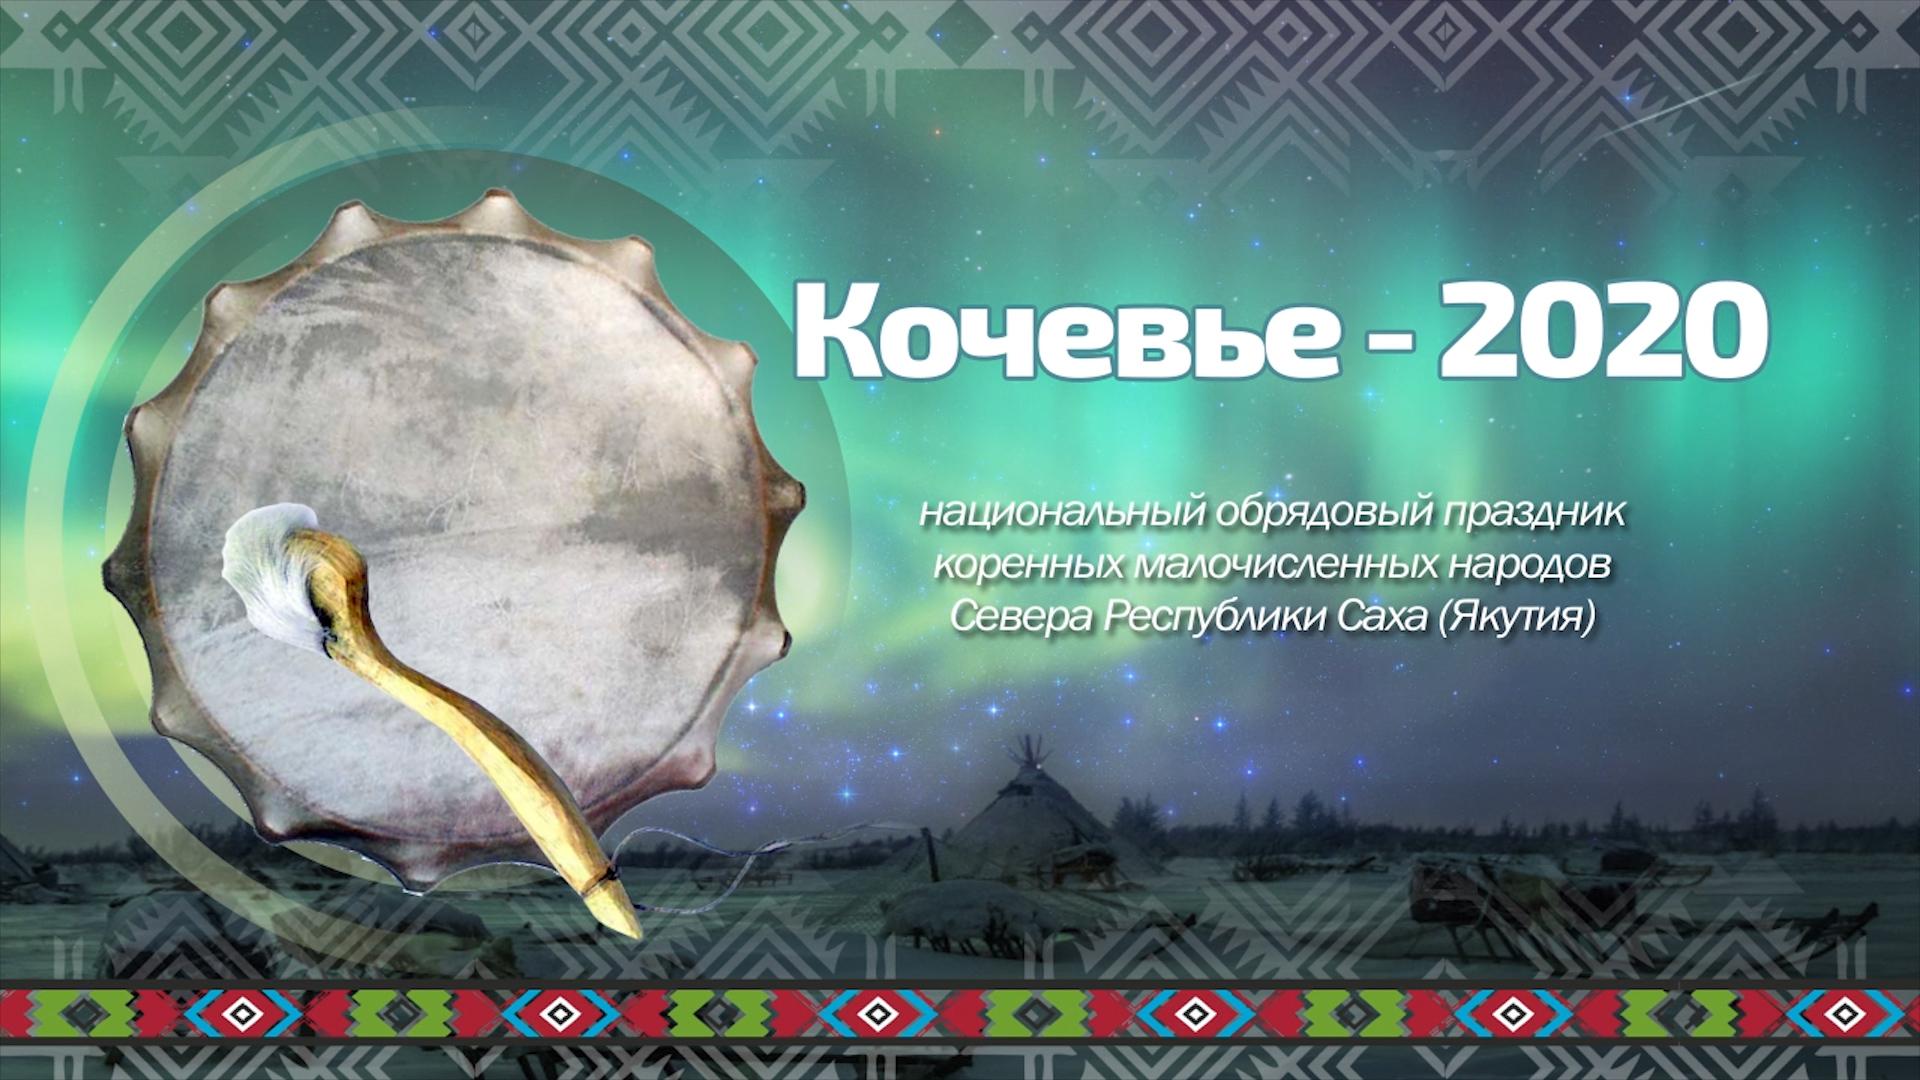 На больших экранах Якутска будет транслироваться ролик праздника «Кочевье-2020»